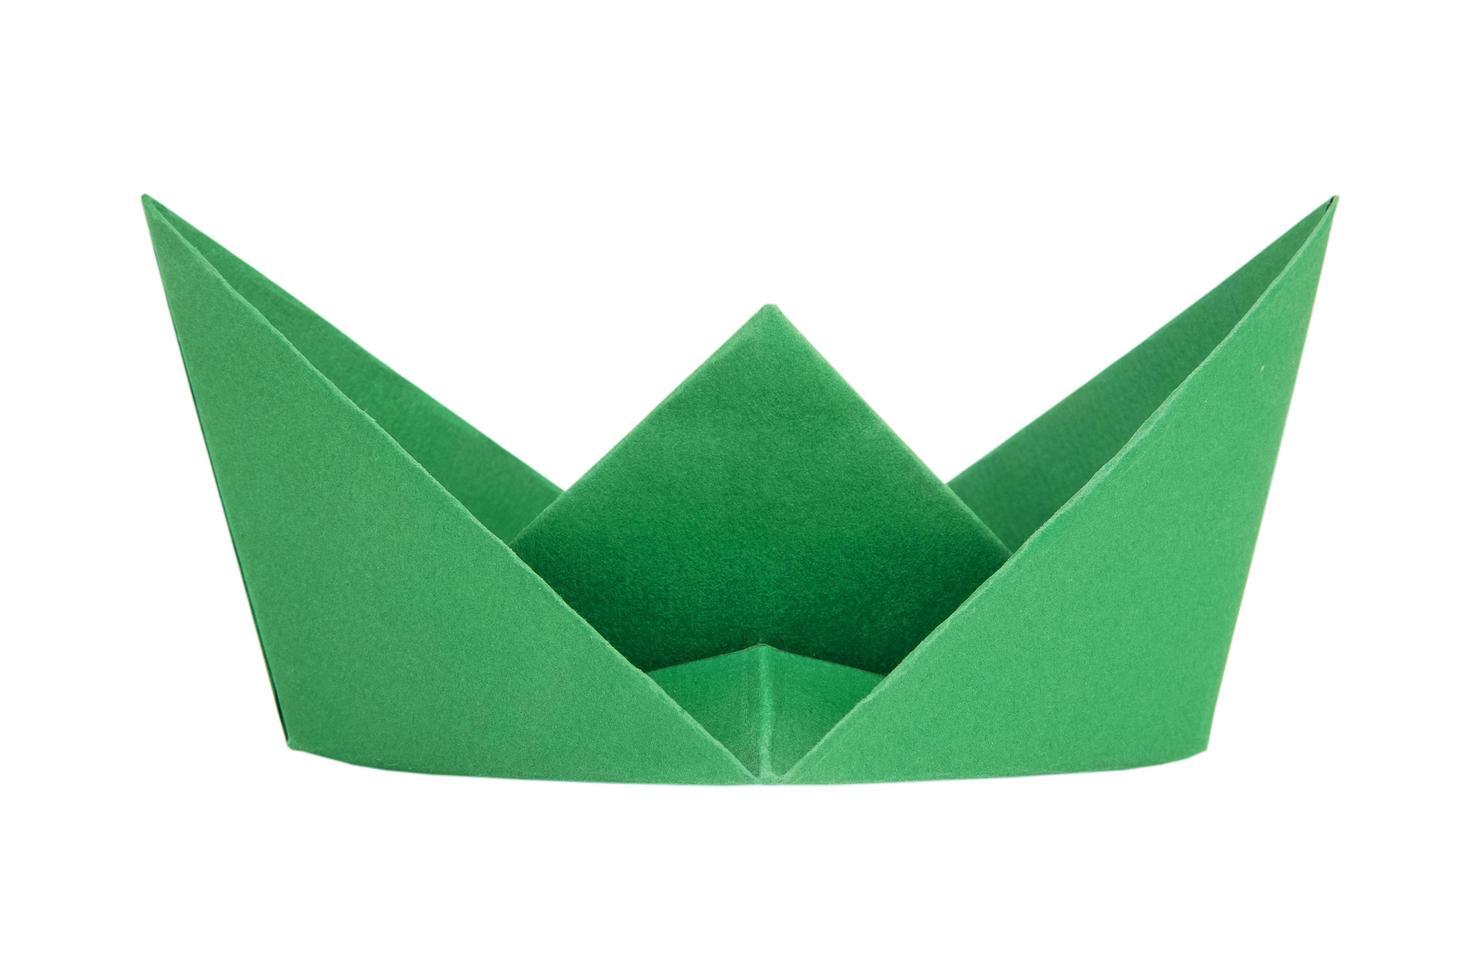 grünes Papierboot foto